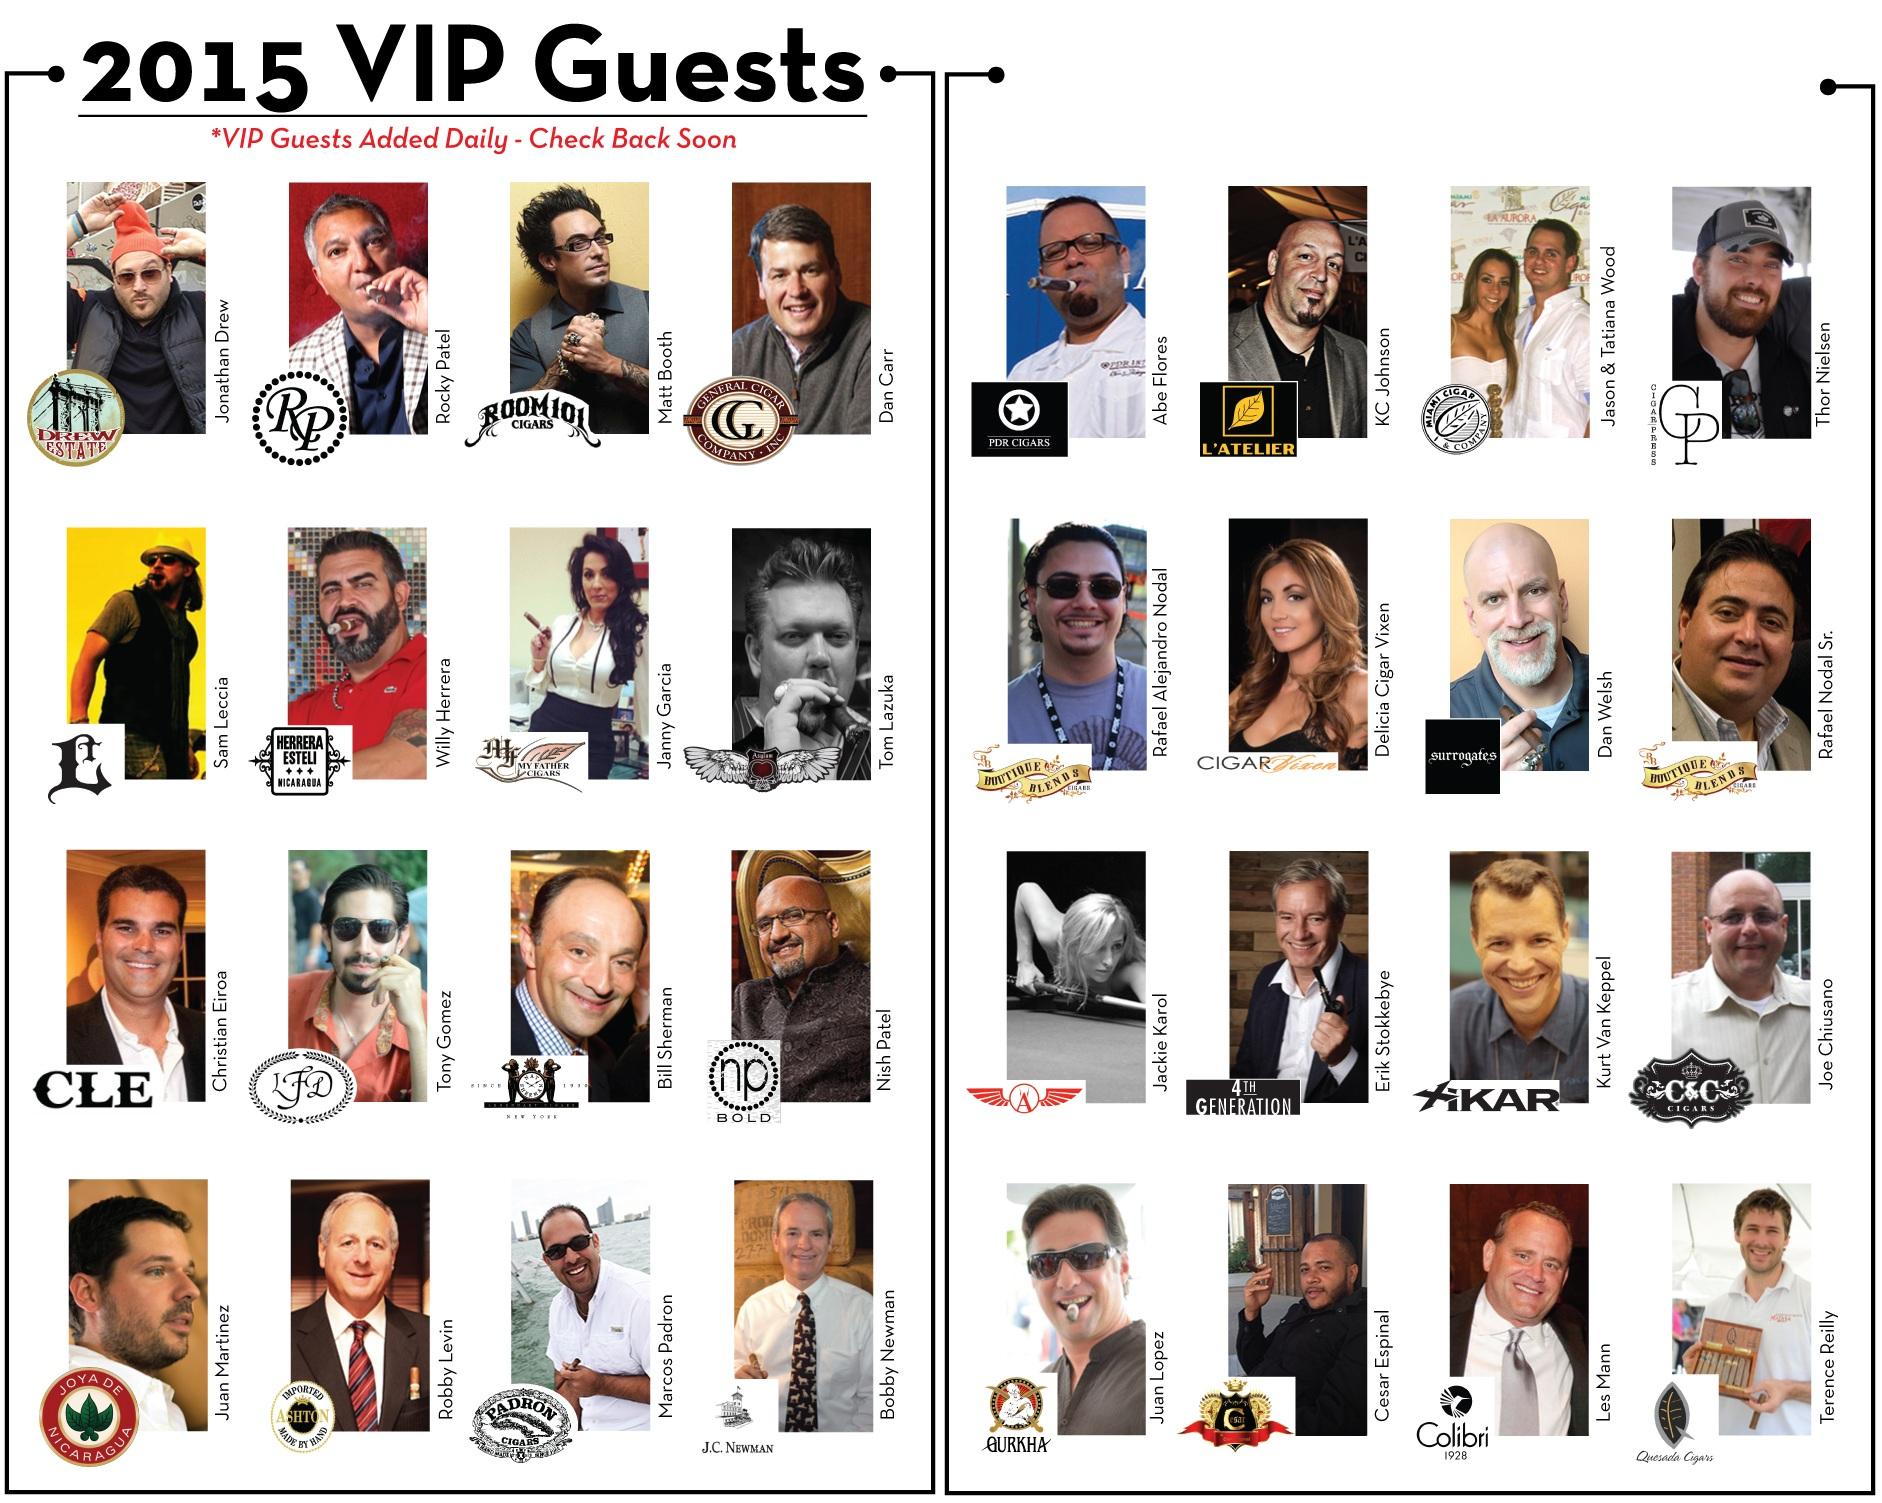 2015 VIP Guests